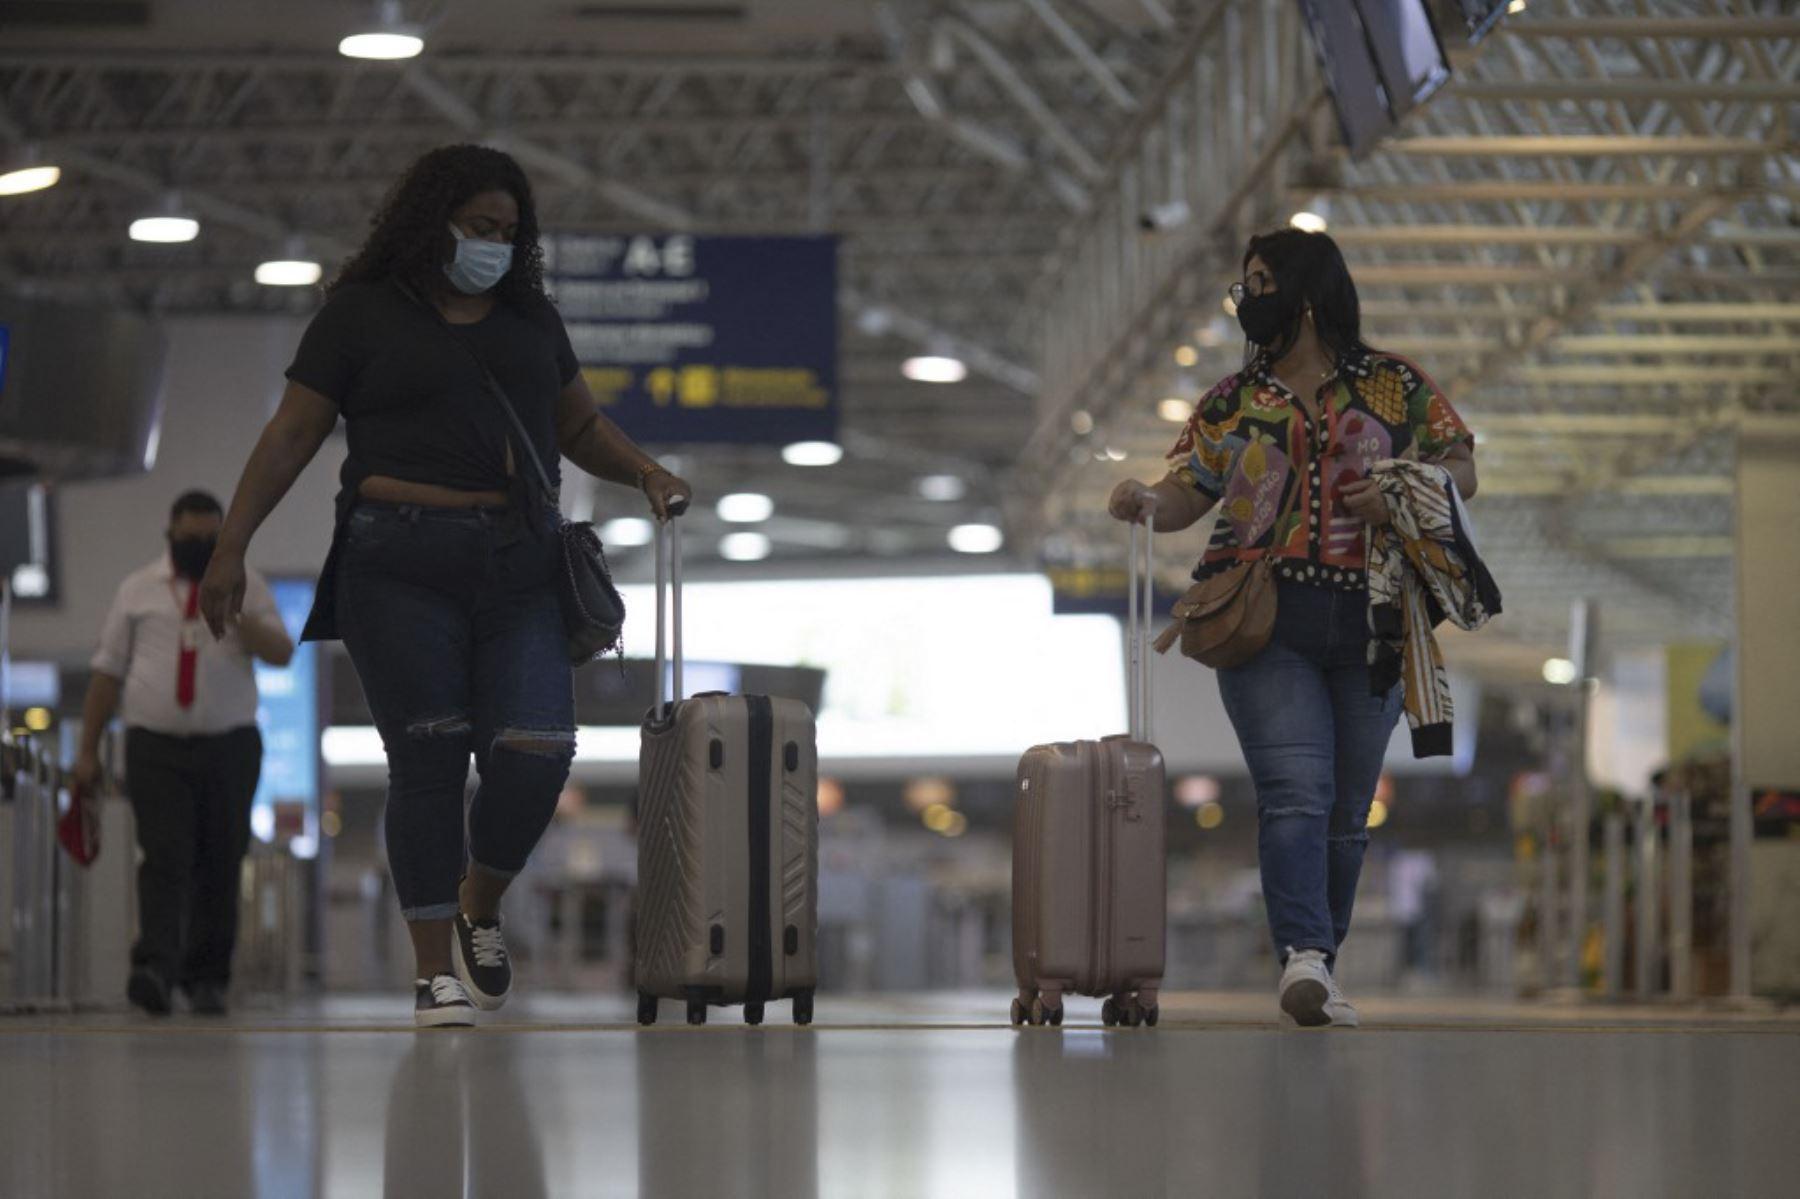 La gente camina en la zona de embarque del aeropuerto internacional Galeao en Río de Janeiro, Brasil, el 13 de abril de 2021, en medio de la pandemia del coronavirus covid-19. Foto: AFP